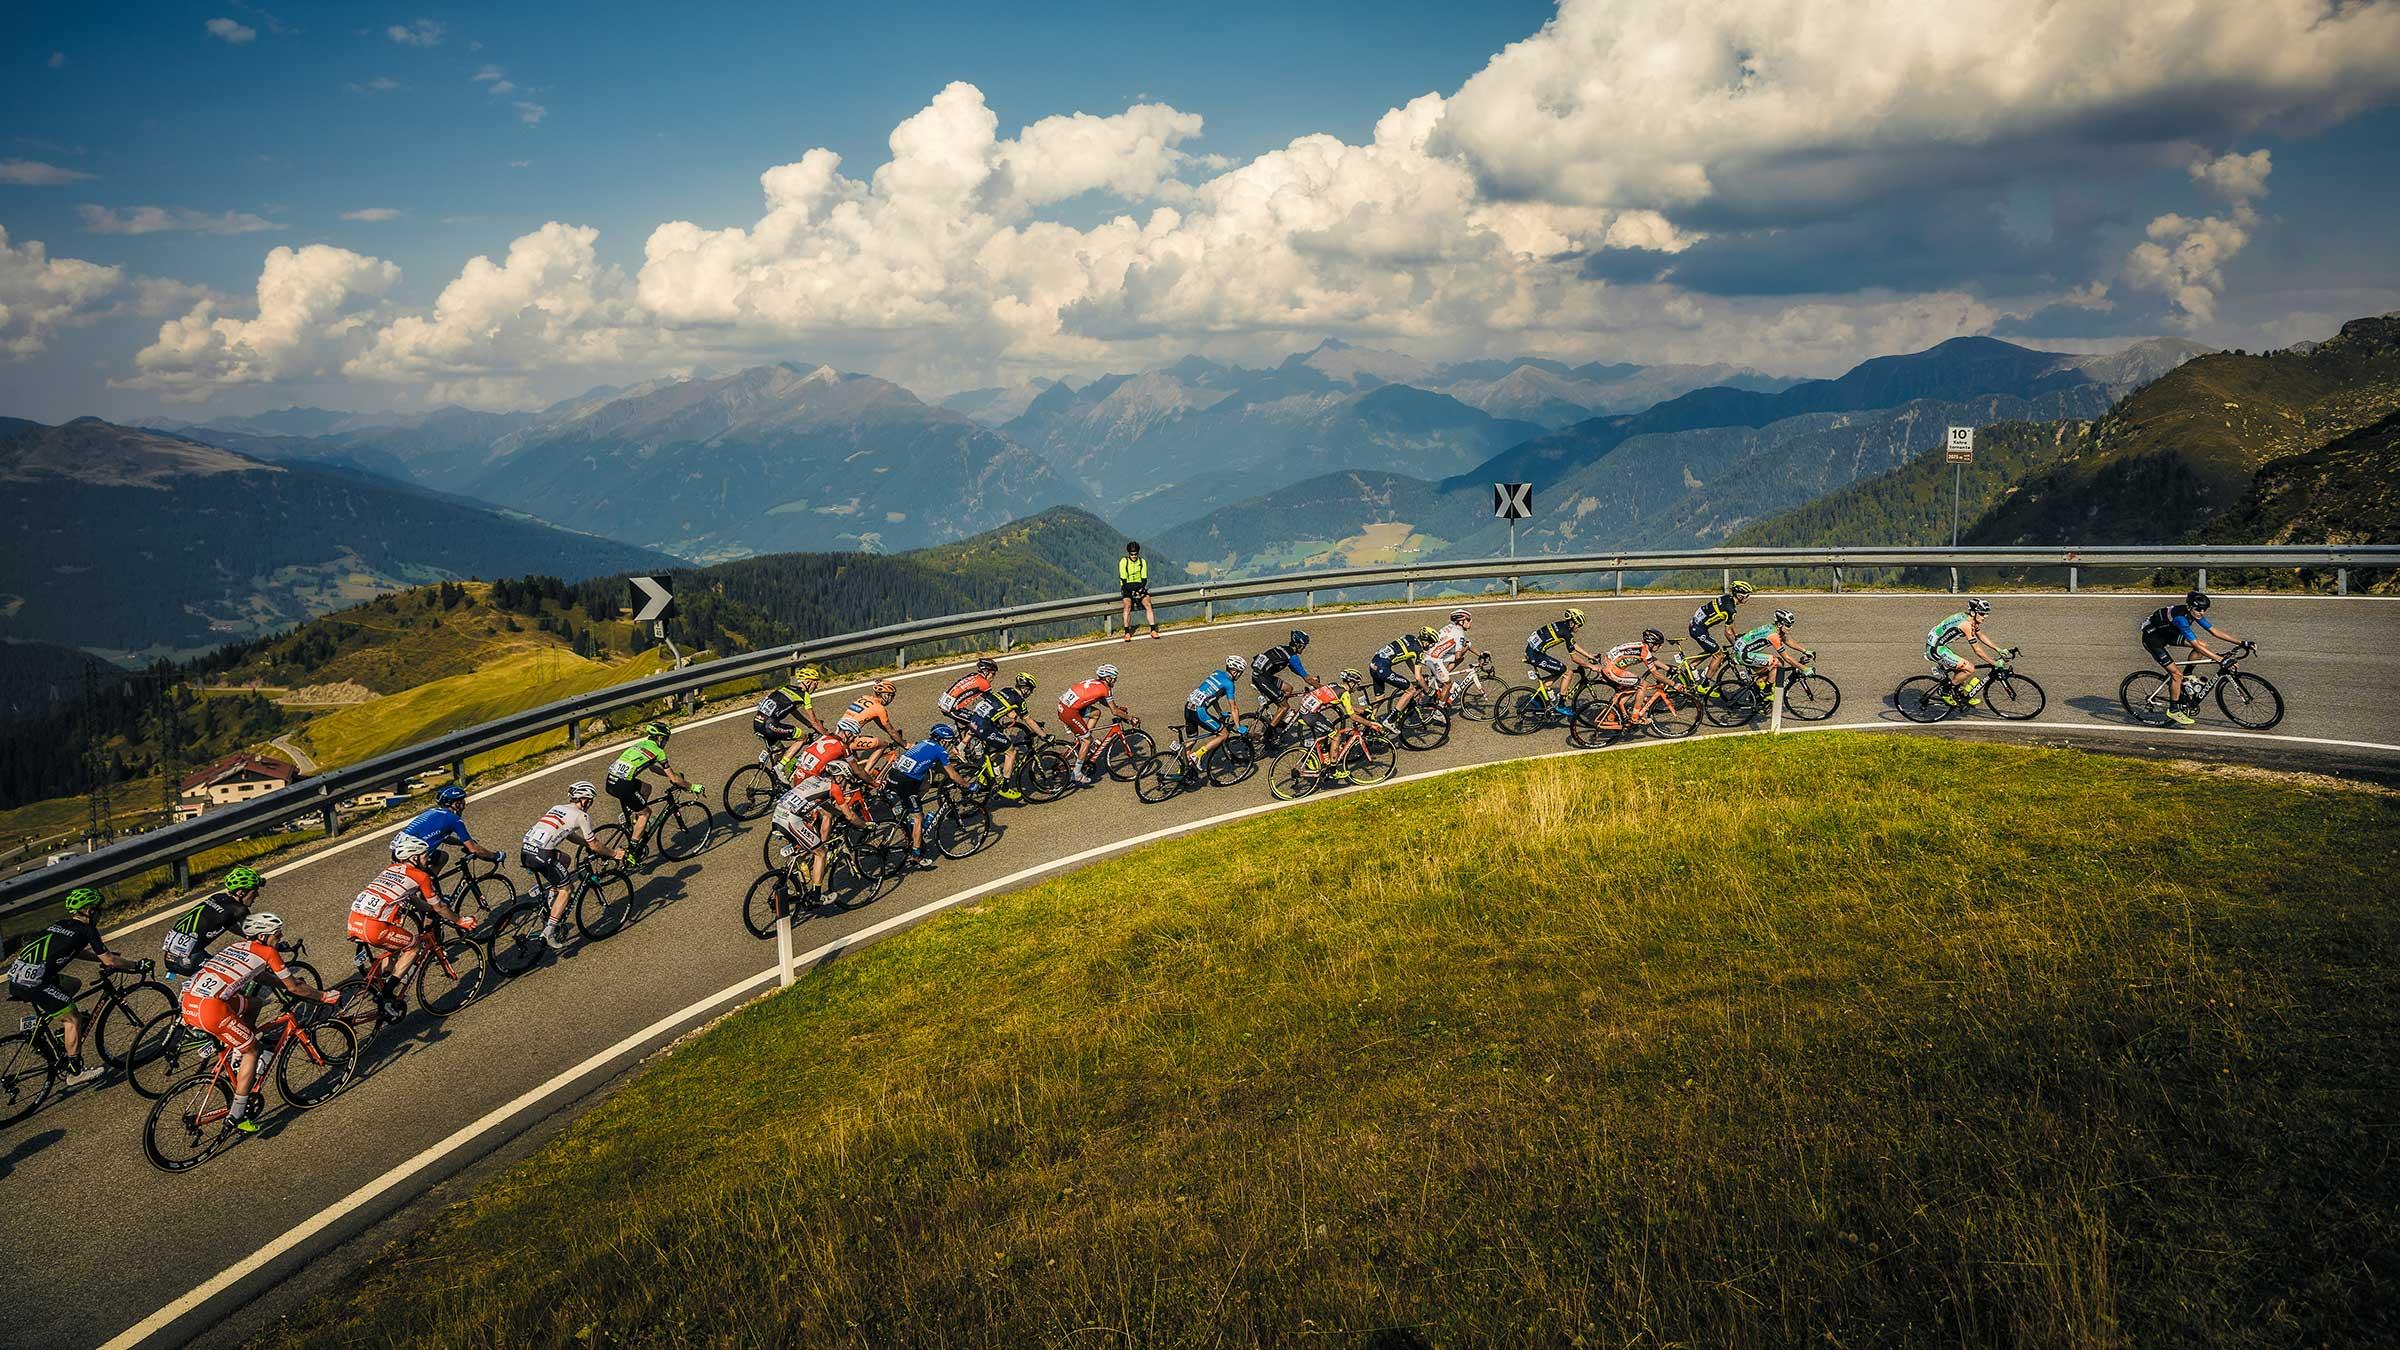 Geert Lammens & die Rad-Weltmeisterschaft verbinden Nationen!